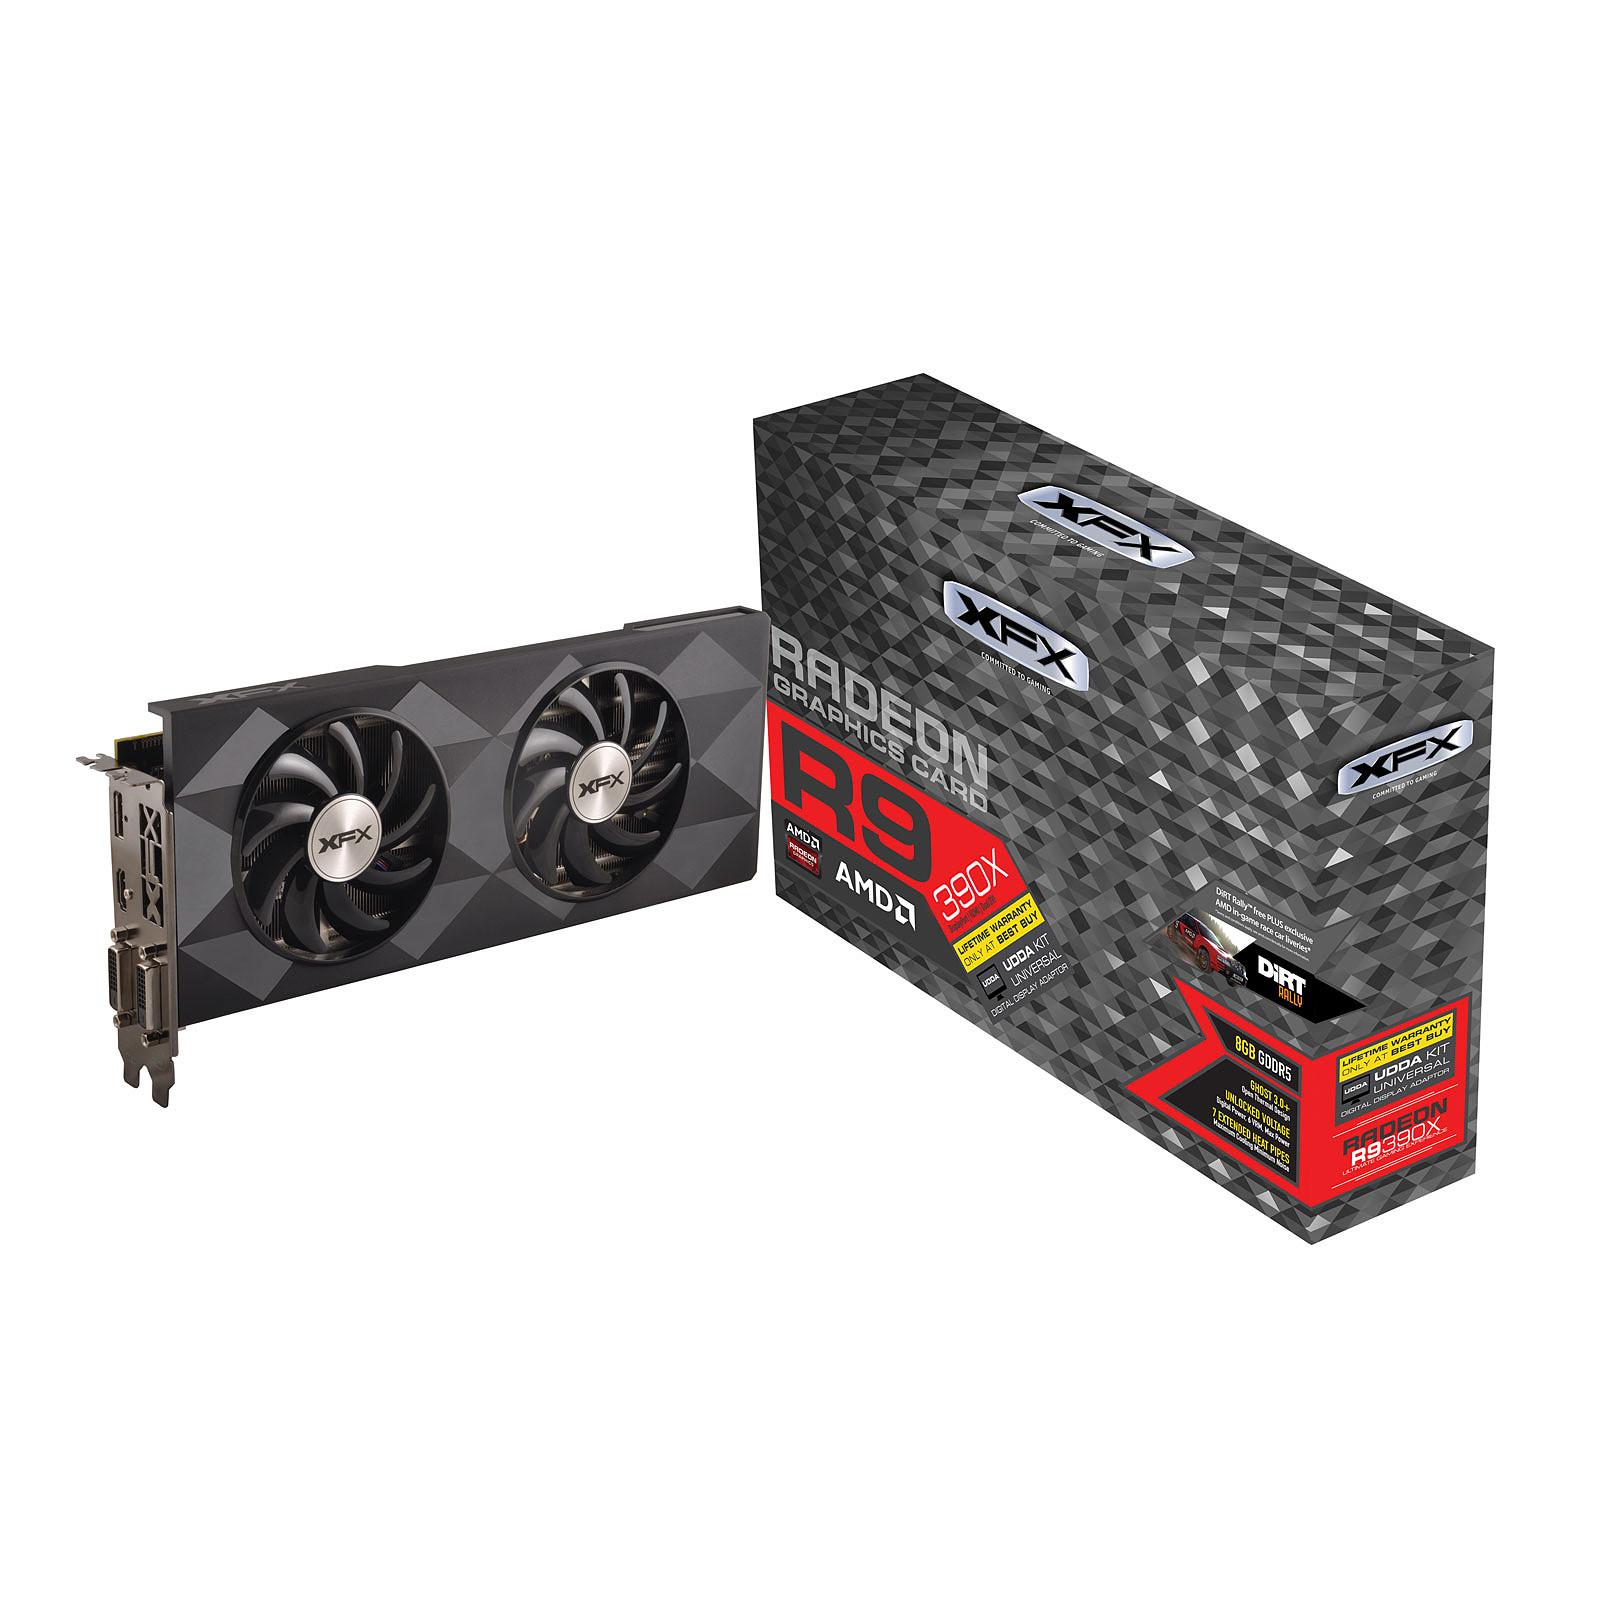 XFX Radeon R9 390X R9-390X-8DF6